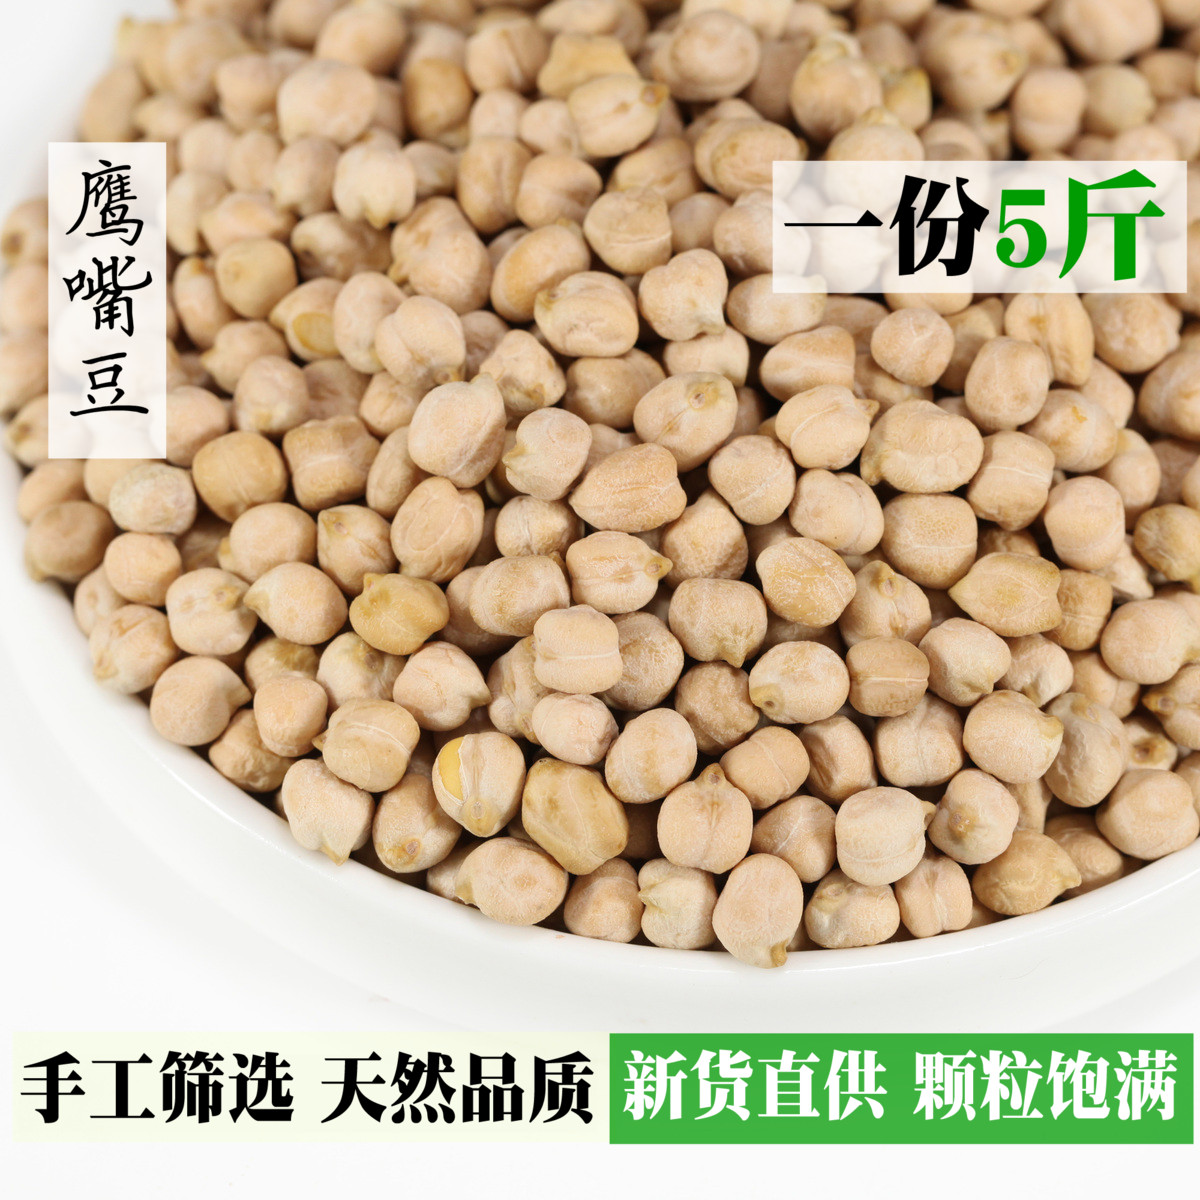 Нут 5 кг сырой нут доступное оборудование новый Синьцзянский аромат новый Товары фасоль фасоль оптовые продажи бесплатная доставка по китаю